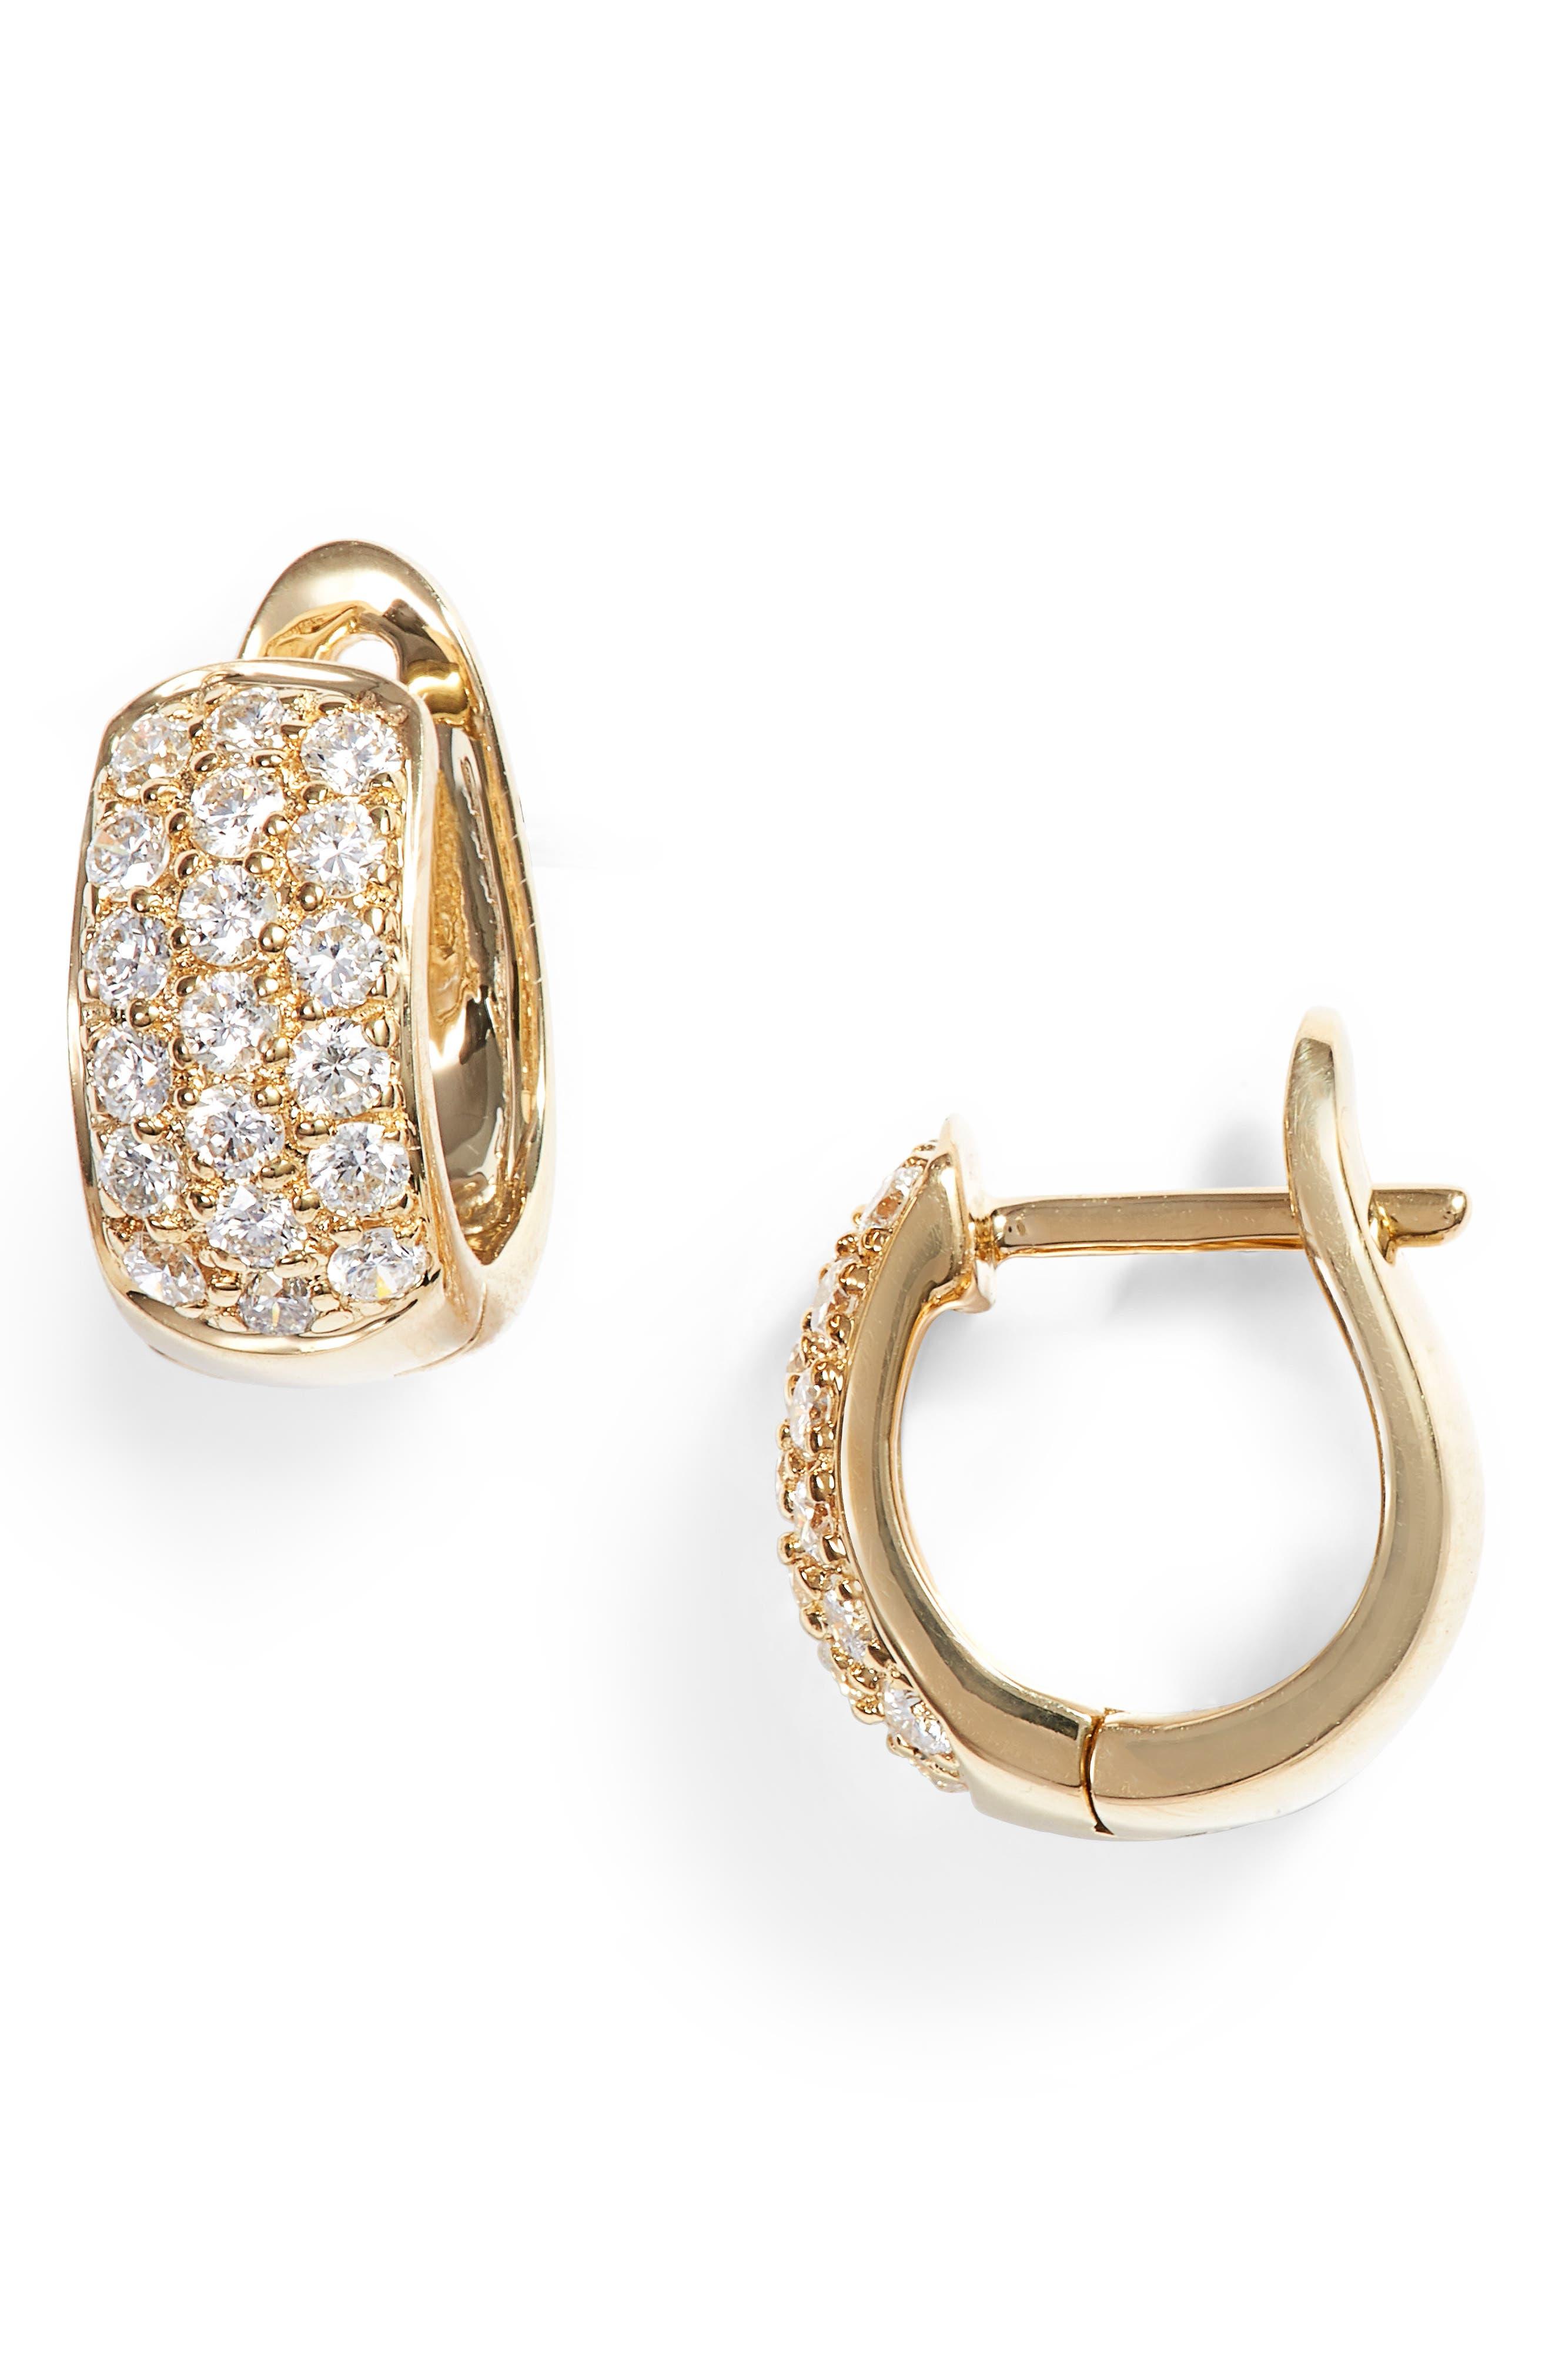 Dana Rebecca Mini Diamond Hoop Earrings